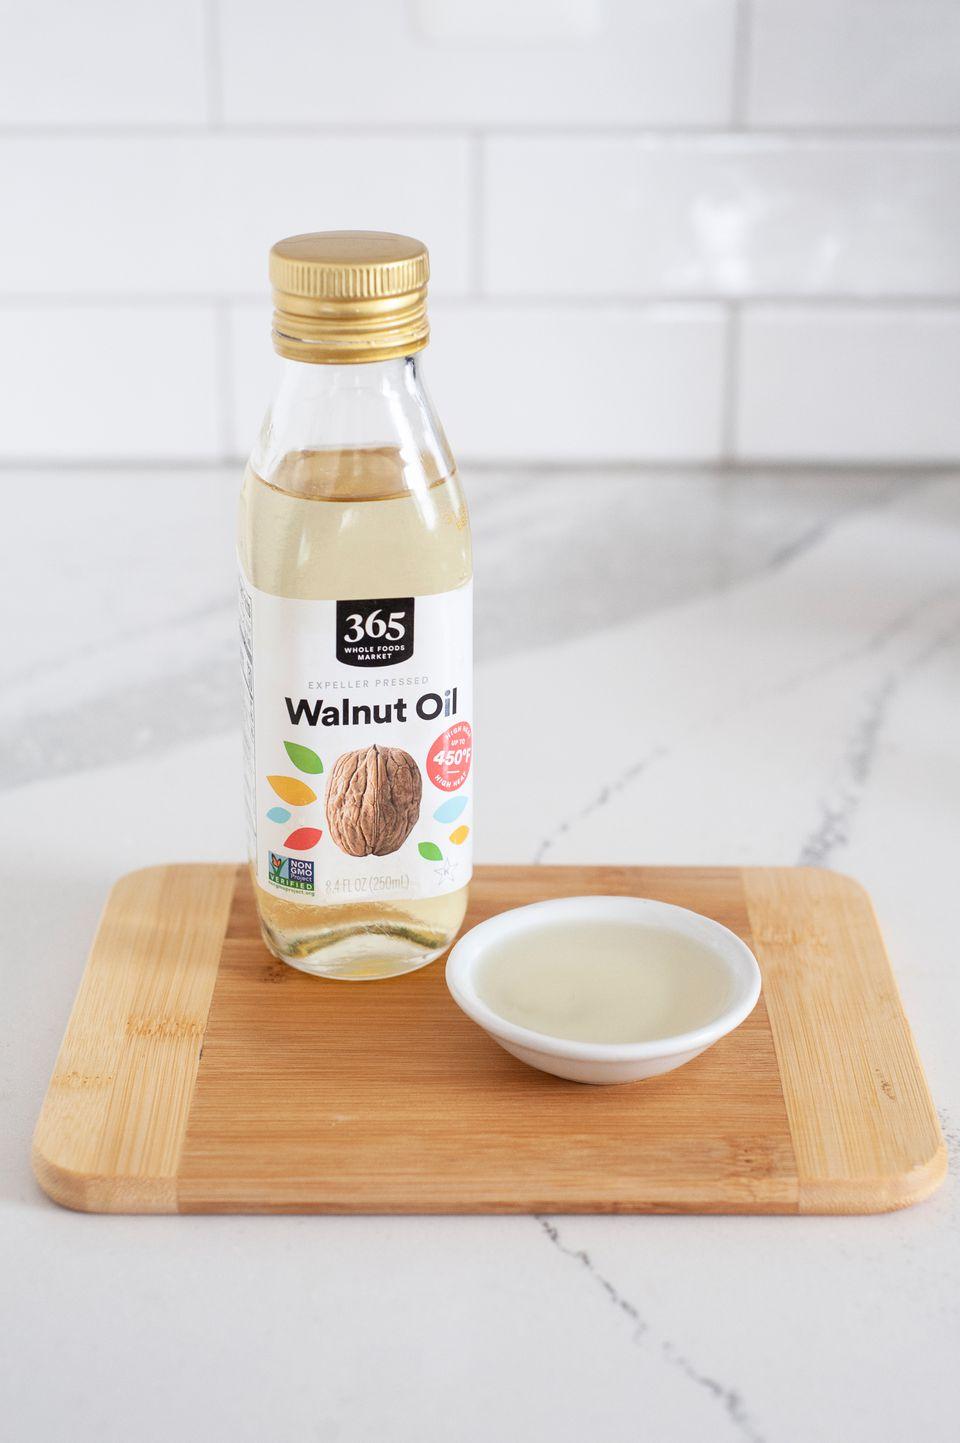 Walnut oil on wood cutting board